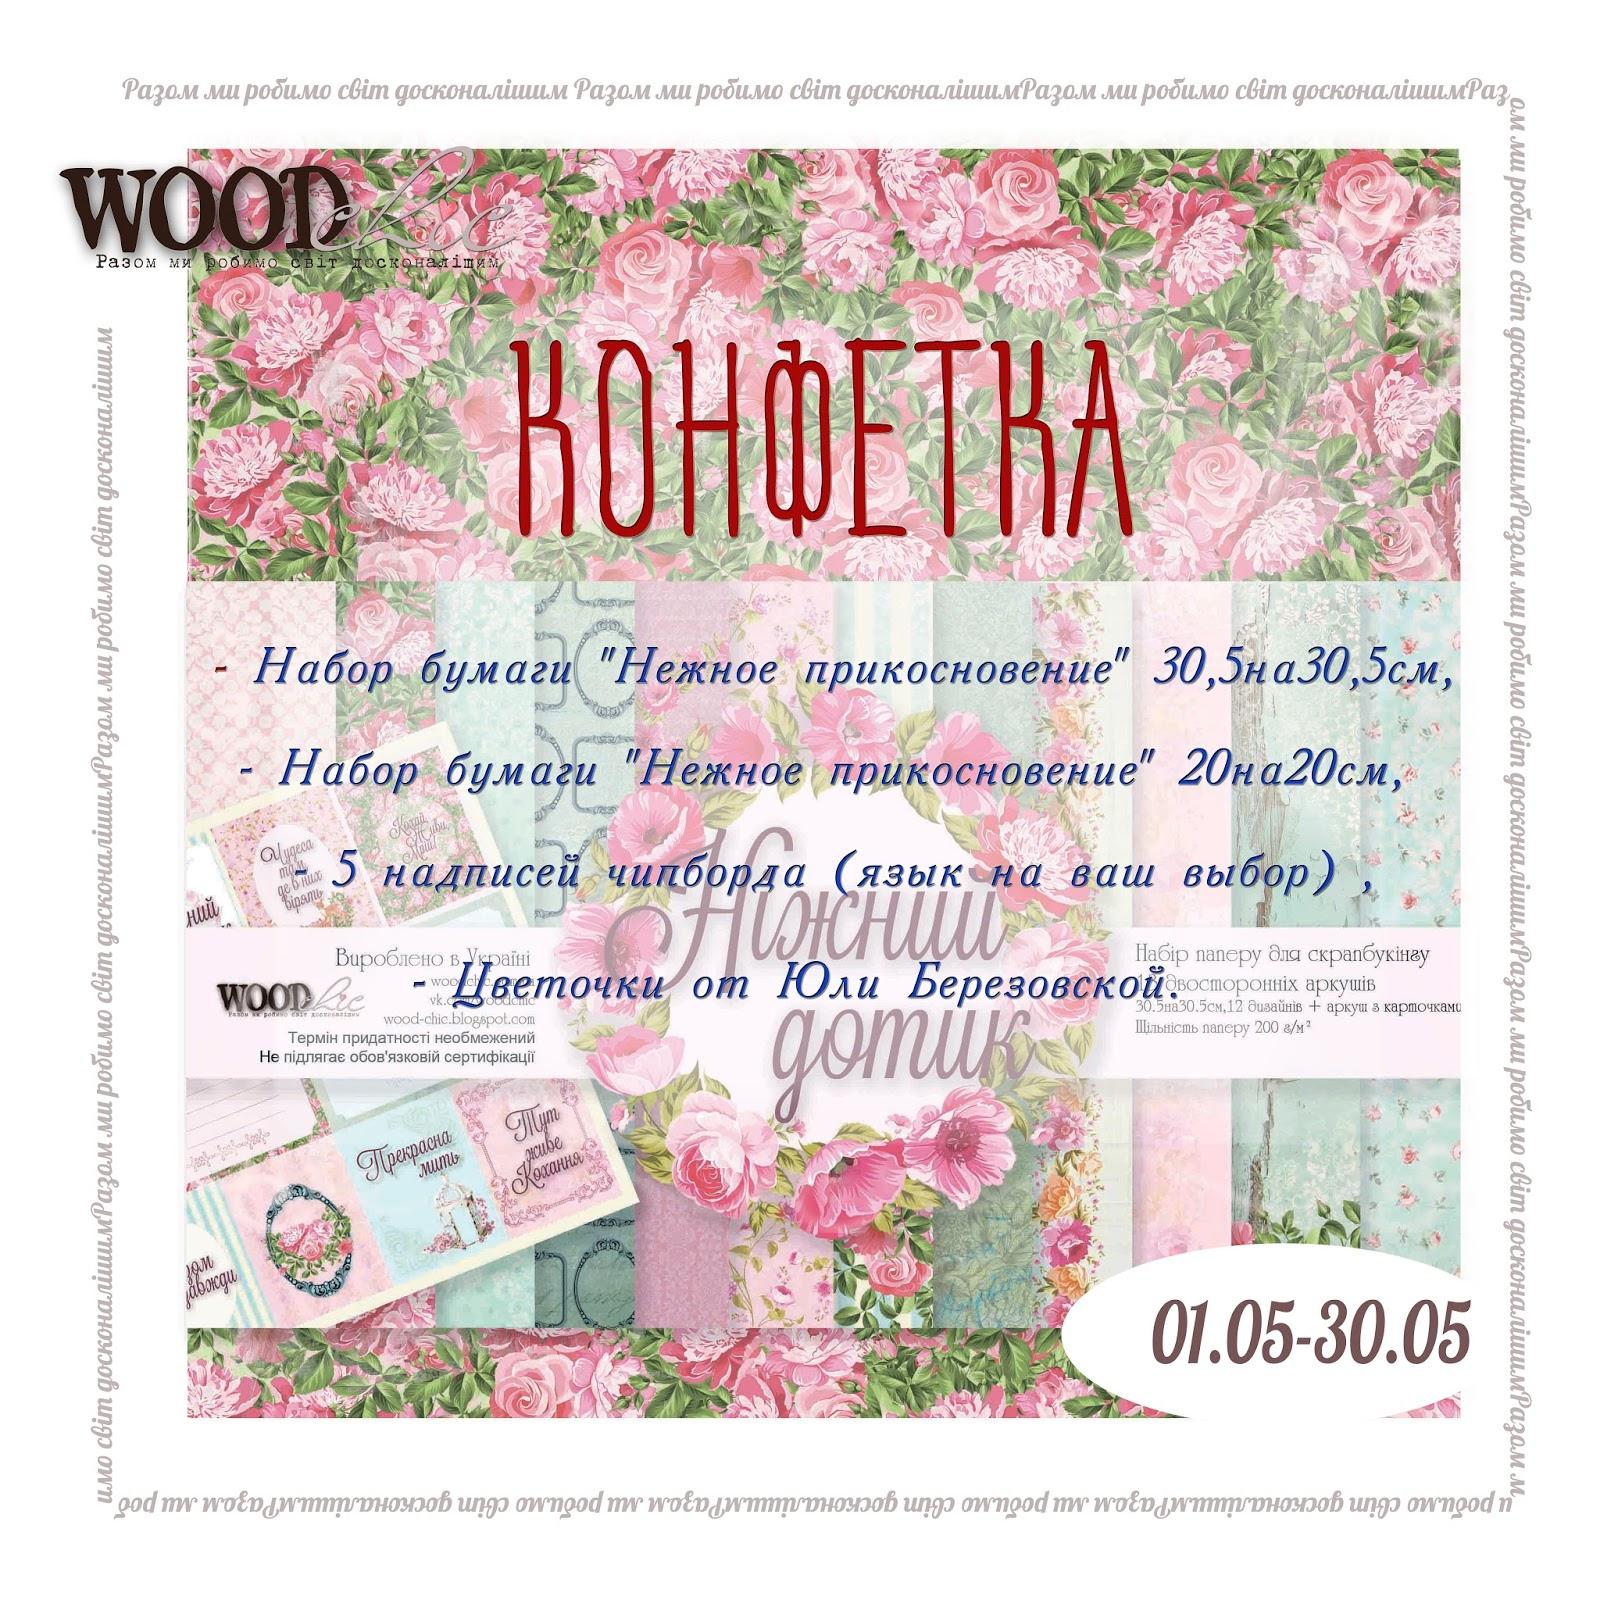 КОНФЕТКА от WOODchic (27)